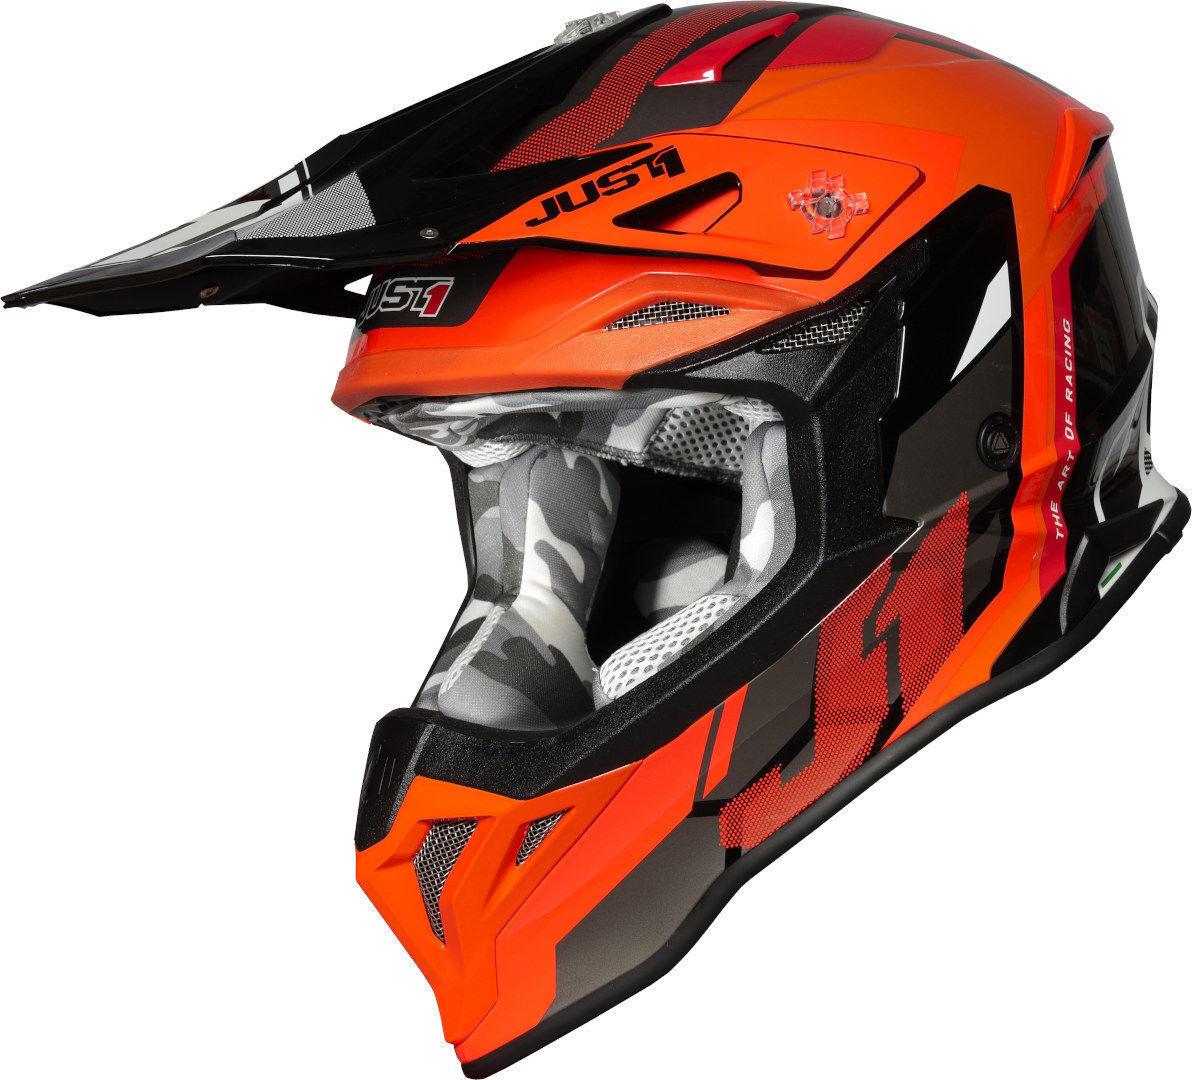 Just1 J39 Reactor Motocross kypärä  - Musta Oranssi - Size: S